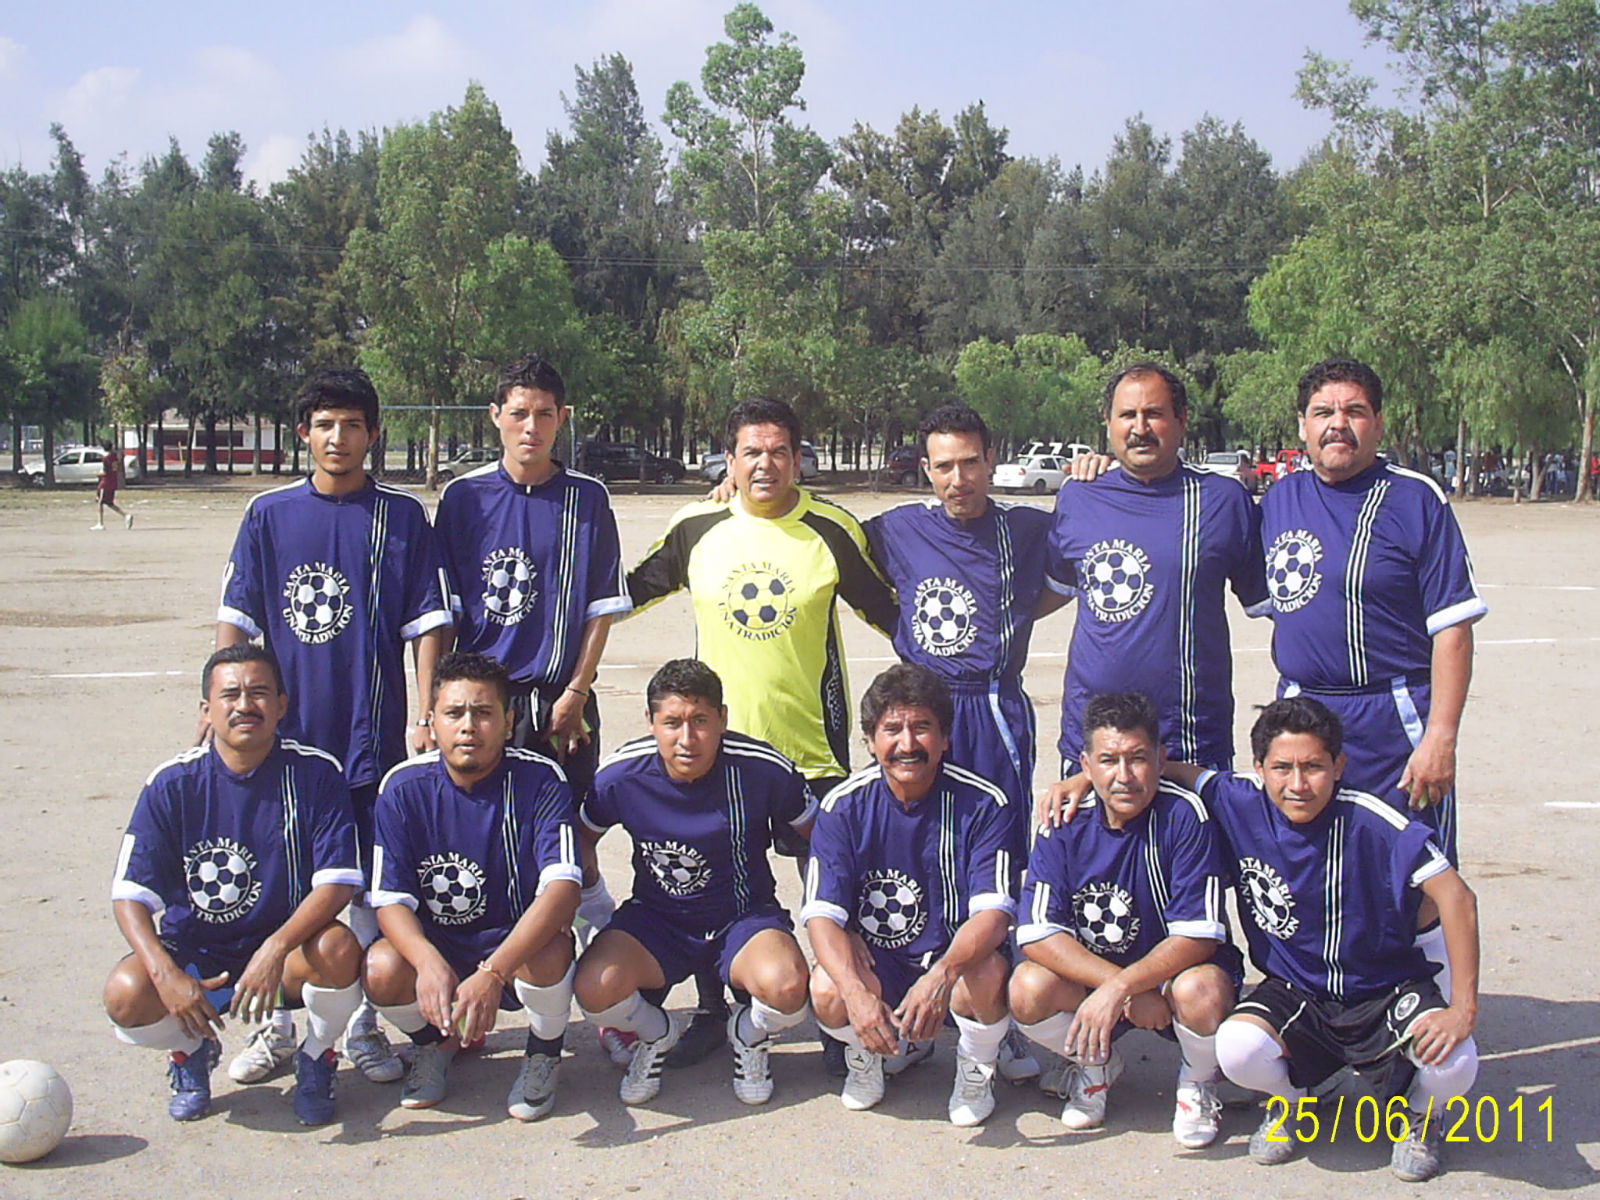 Primera División - Resultados de Fútbol